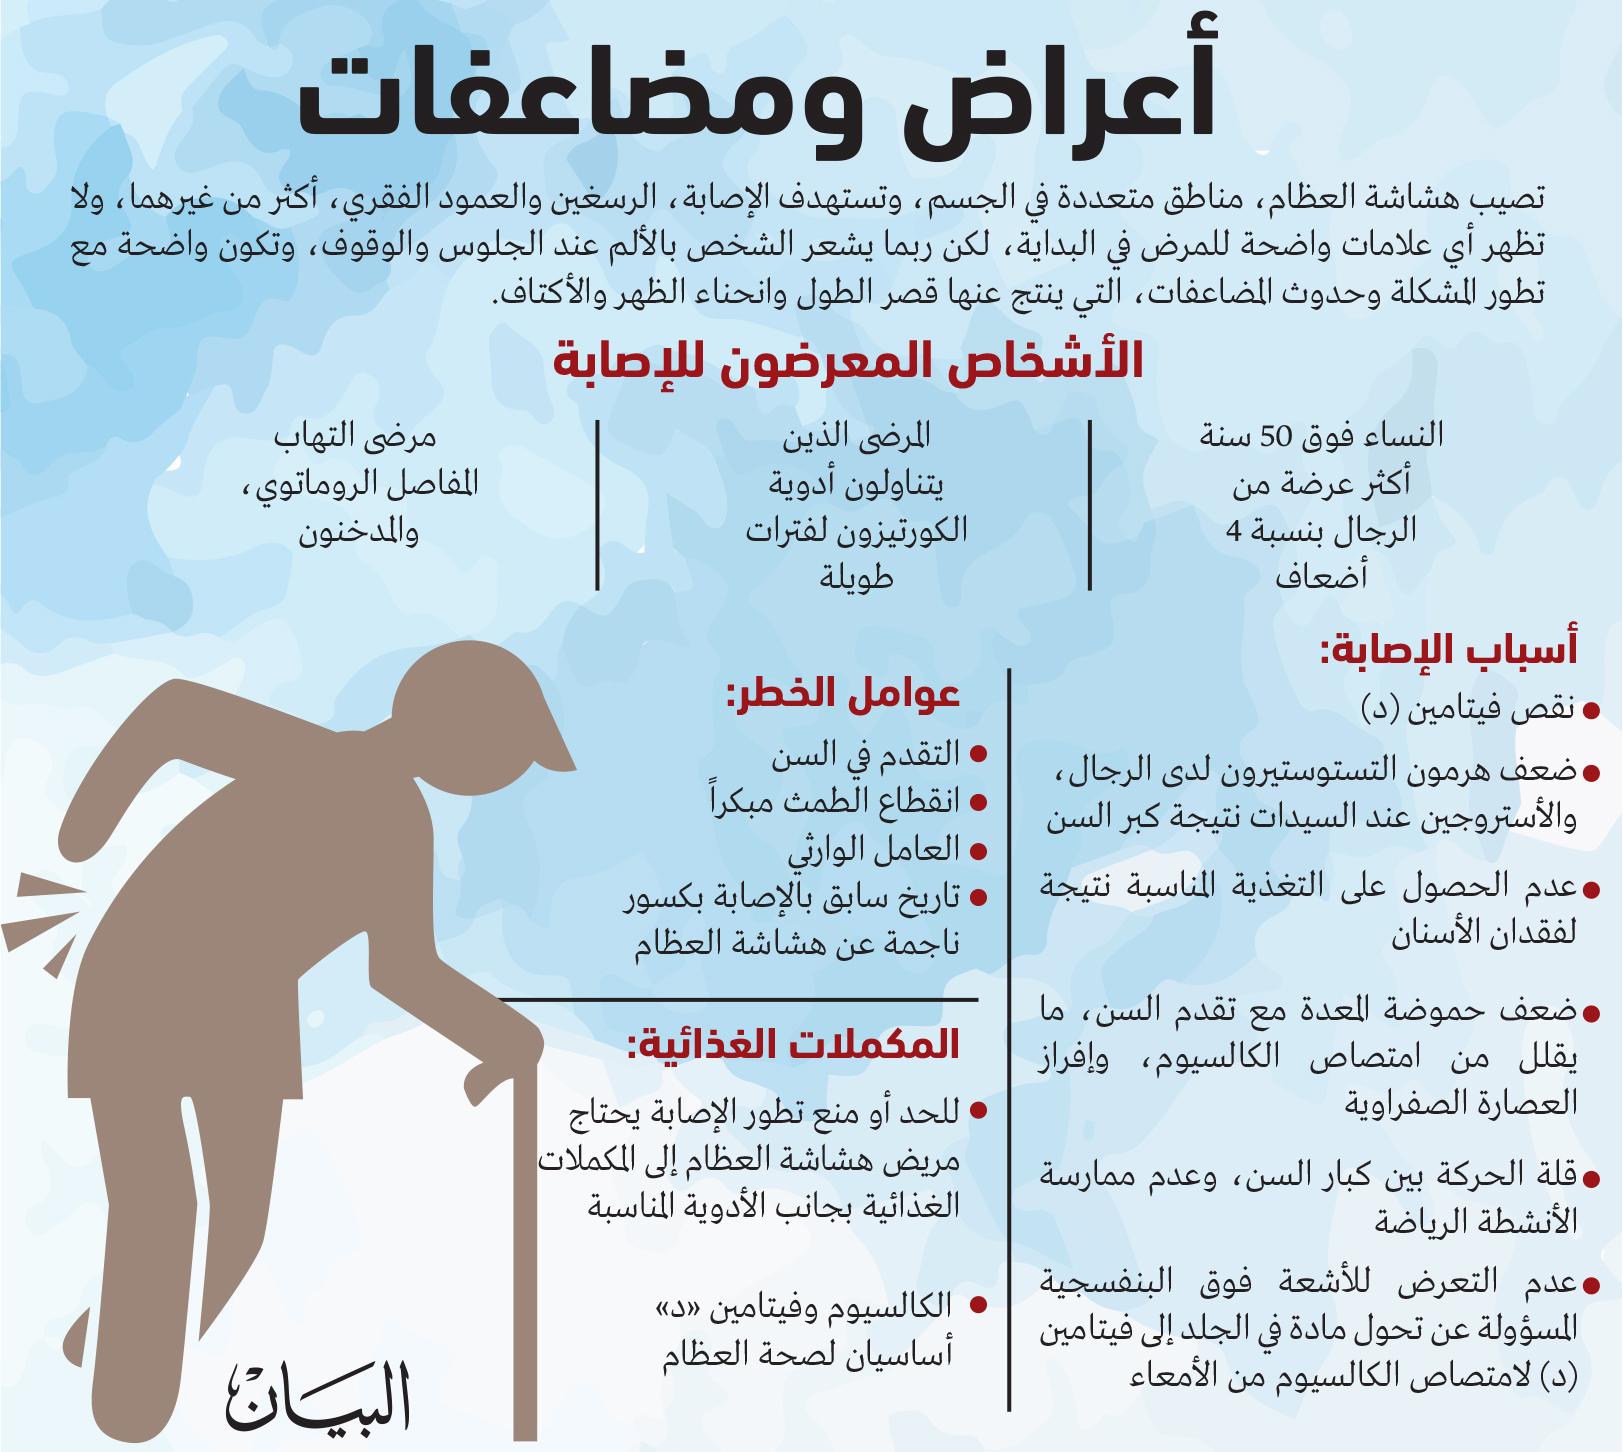 الإمارات تحيي اليوم العالمي لهشاشة العظام عبر الإمارات أخبار وتقارير البيان